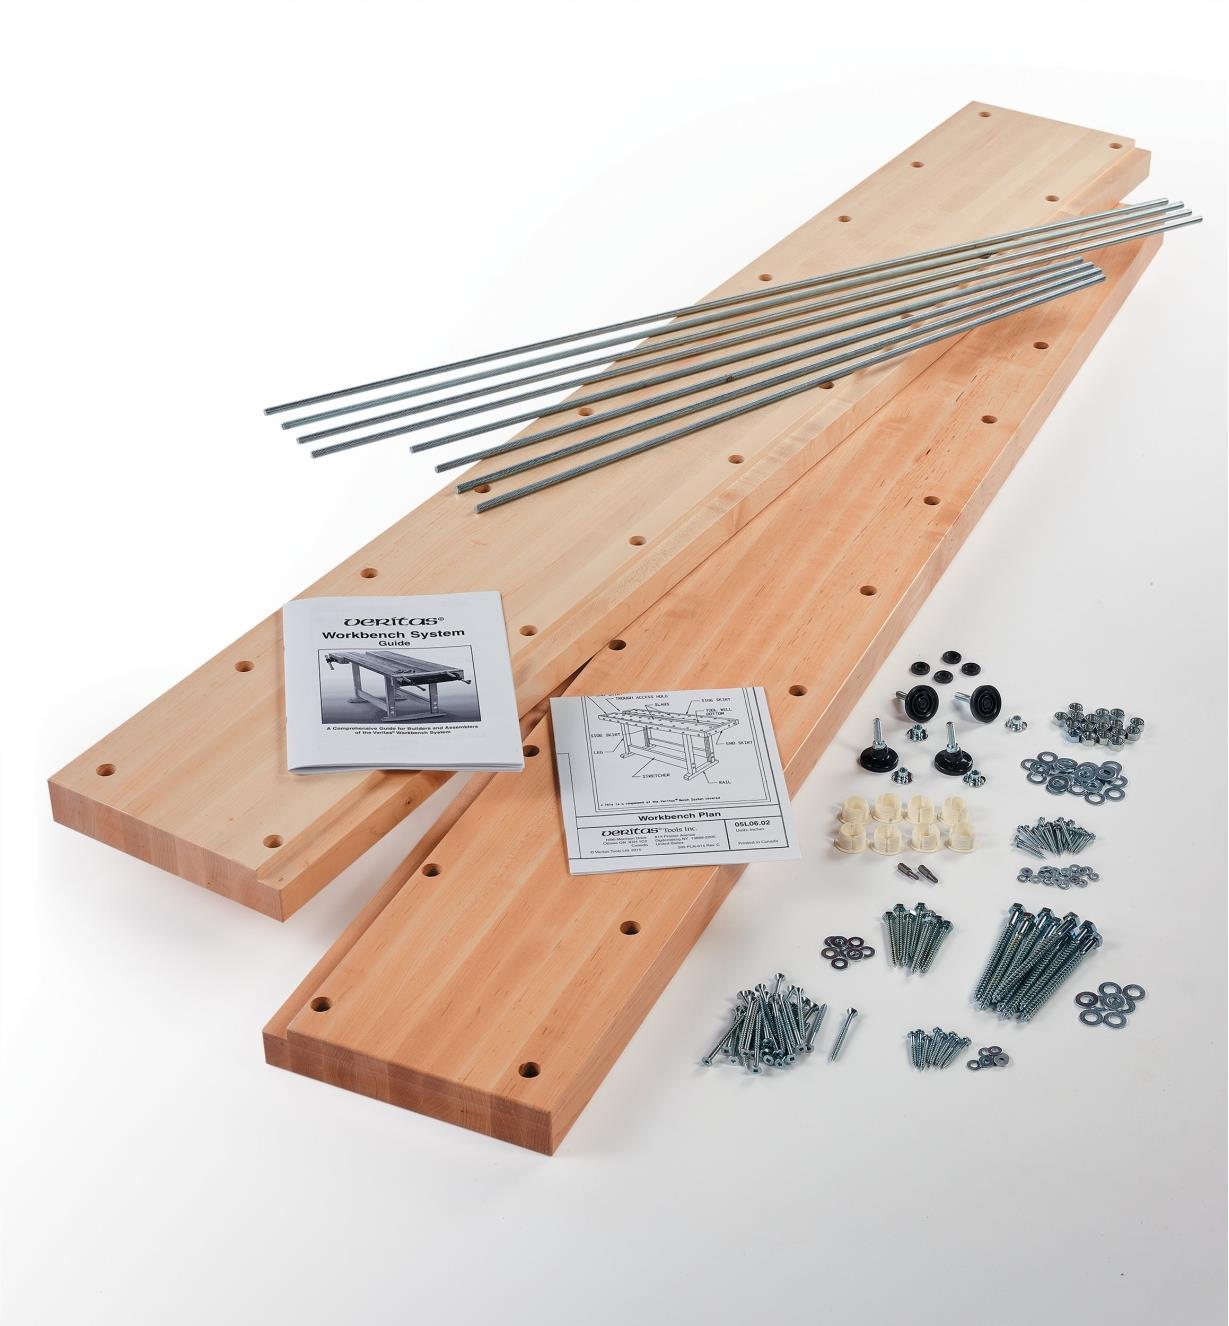 05G1511 - Veritas Deluxe Bench Kit